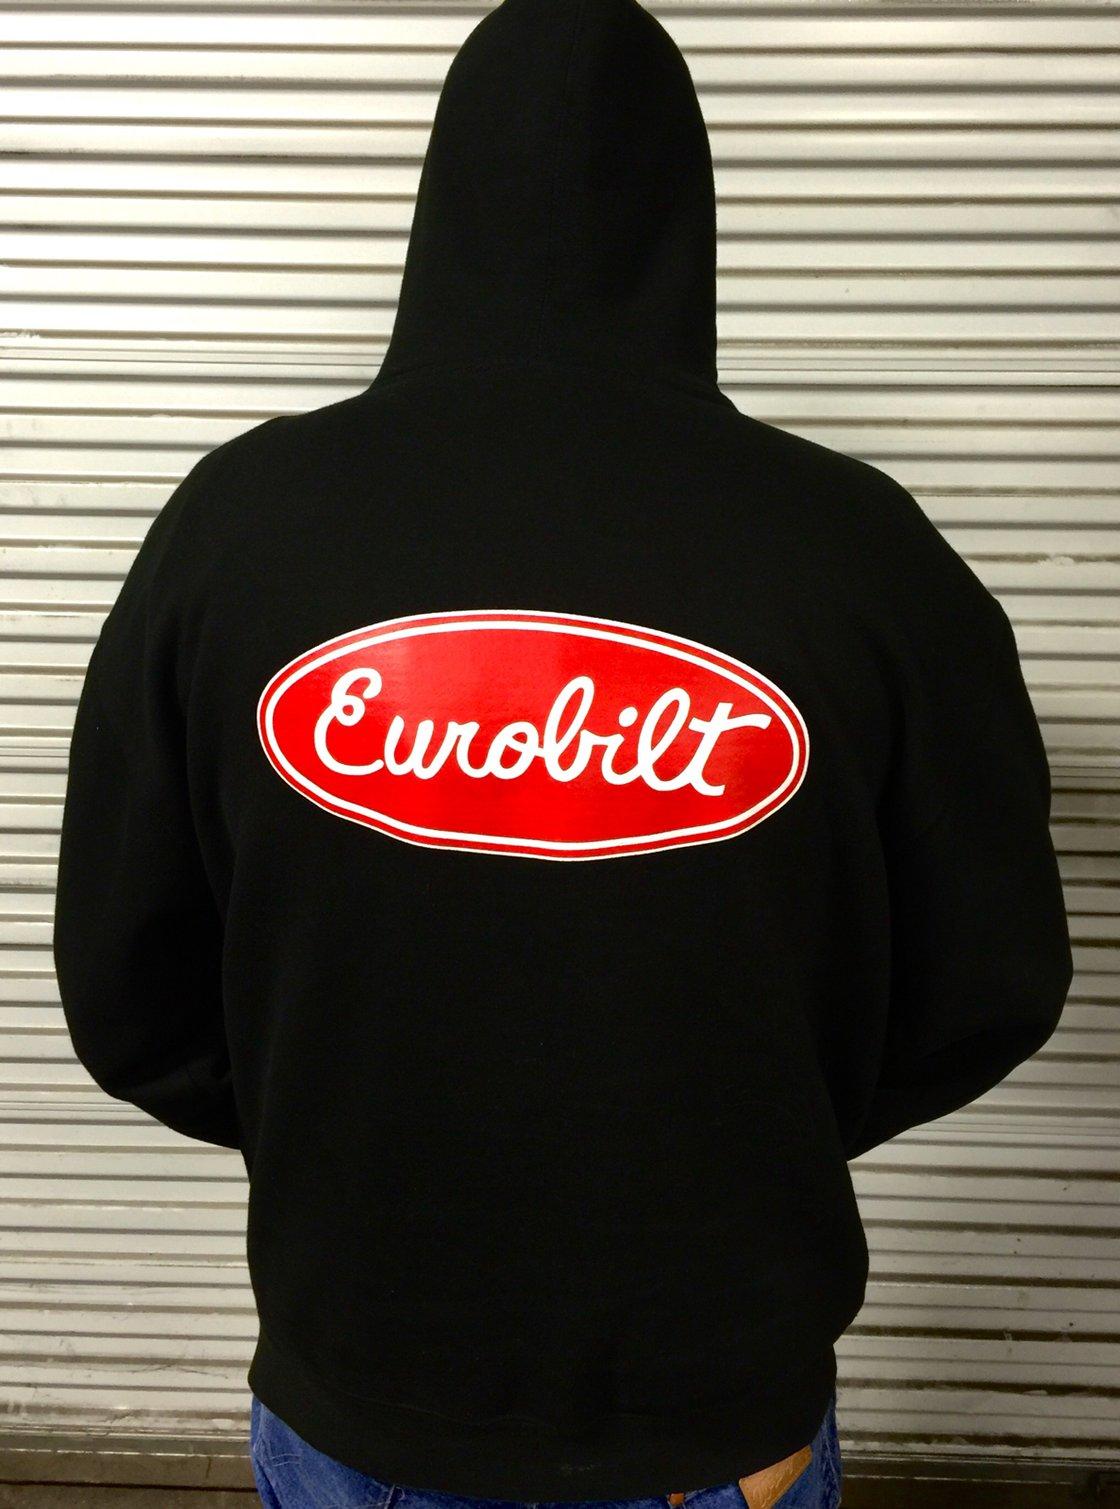 Image of OG Eurobilt hoodie